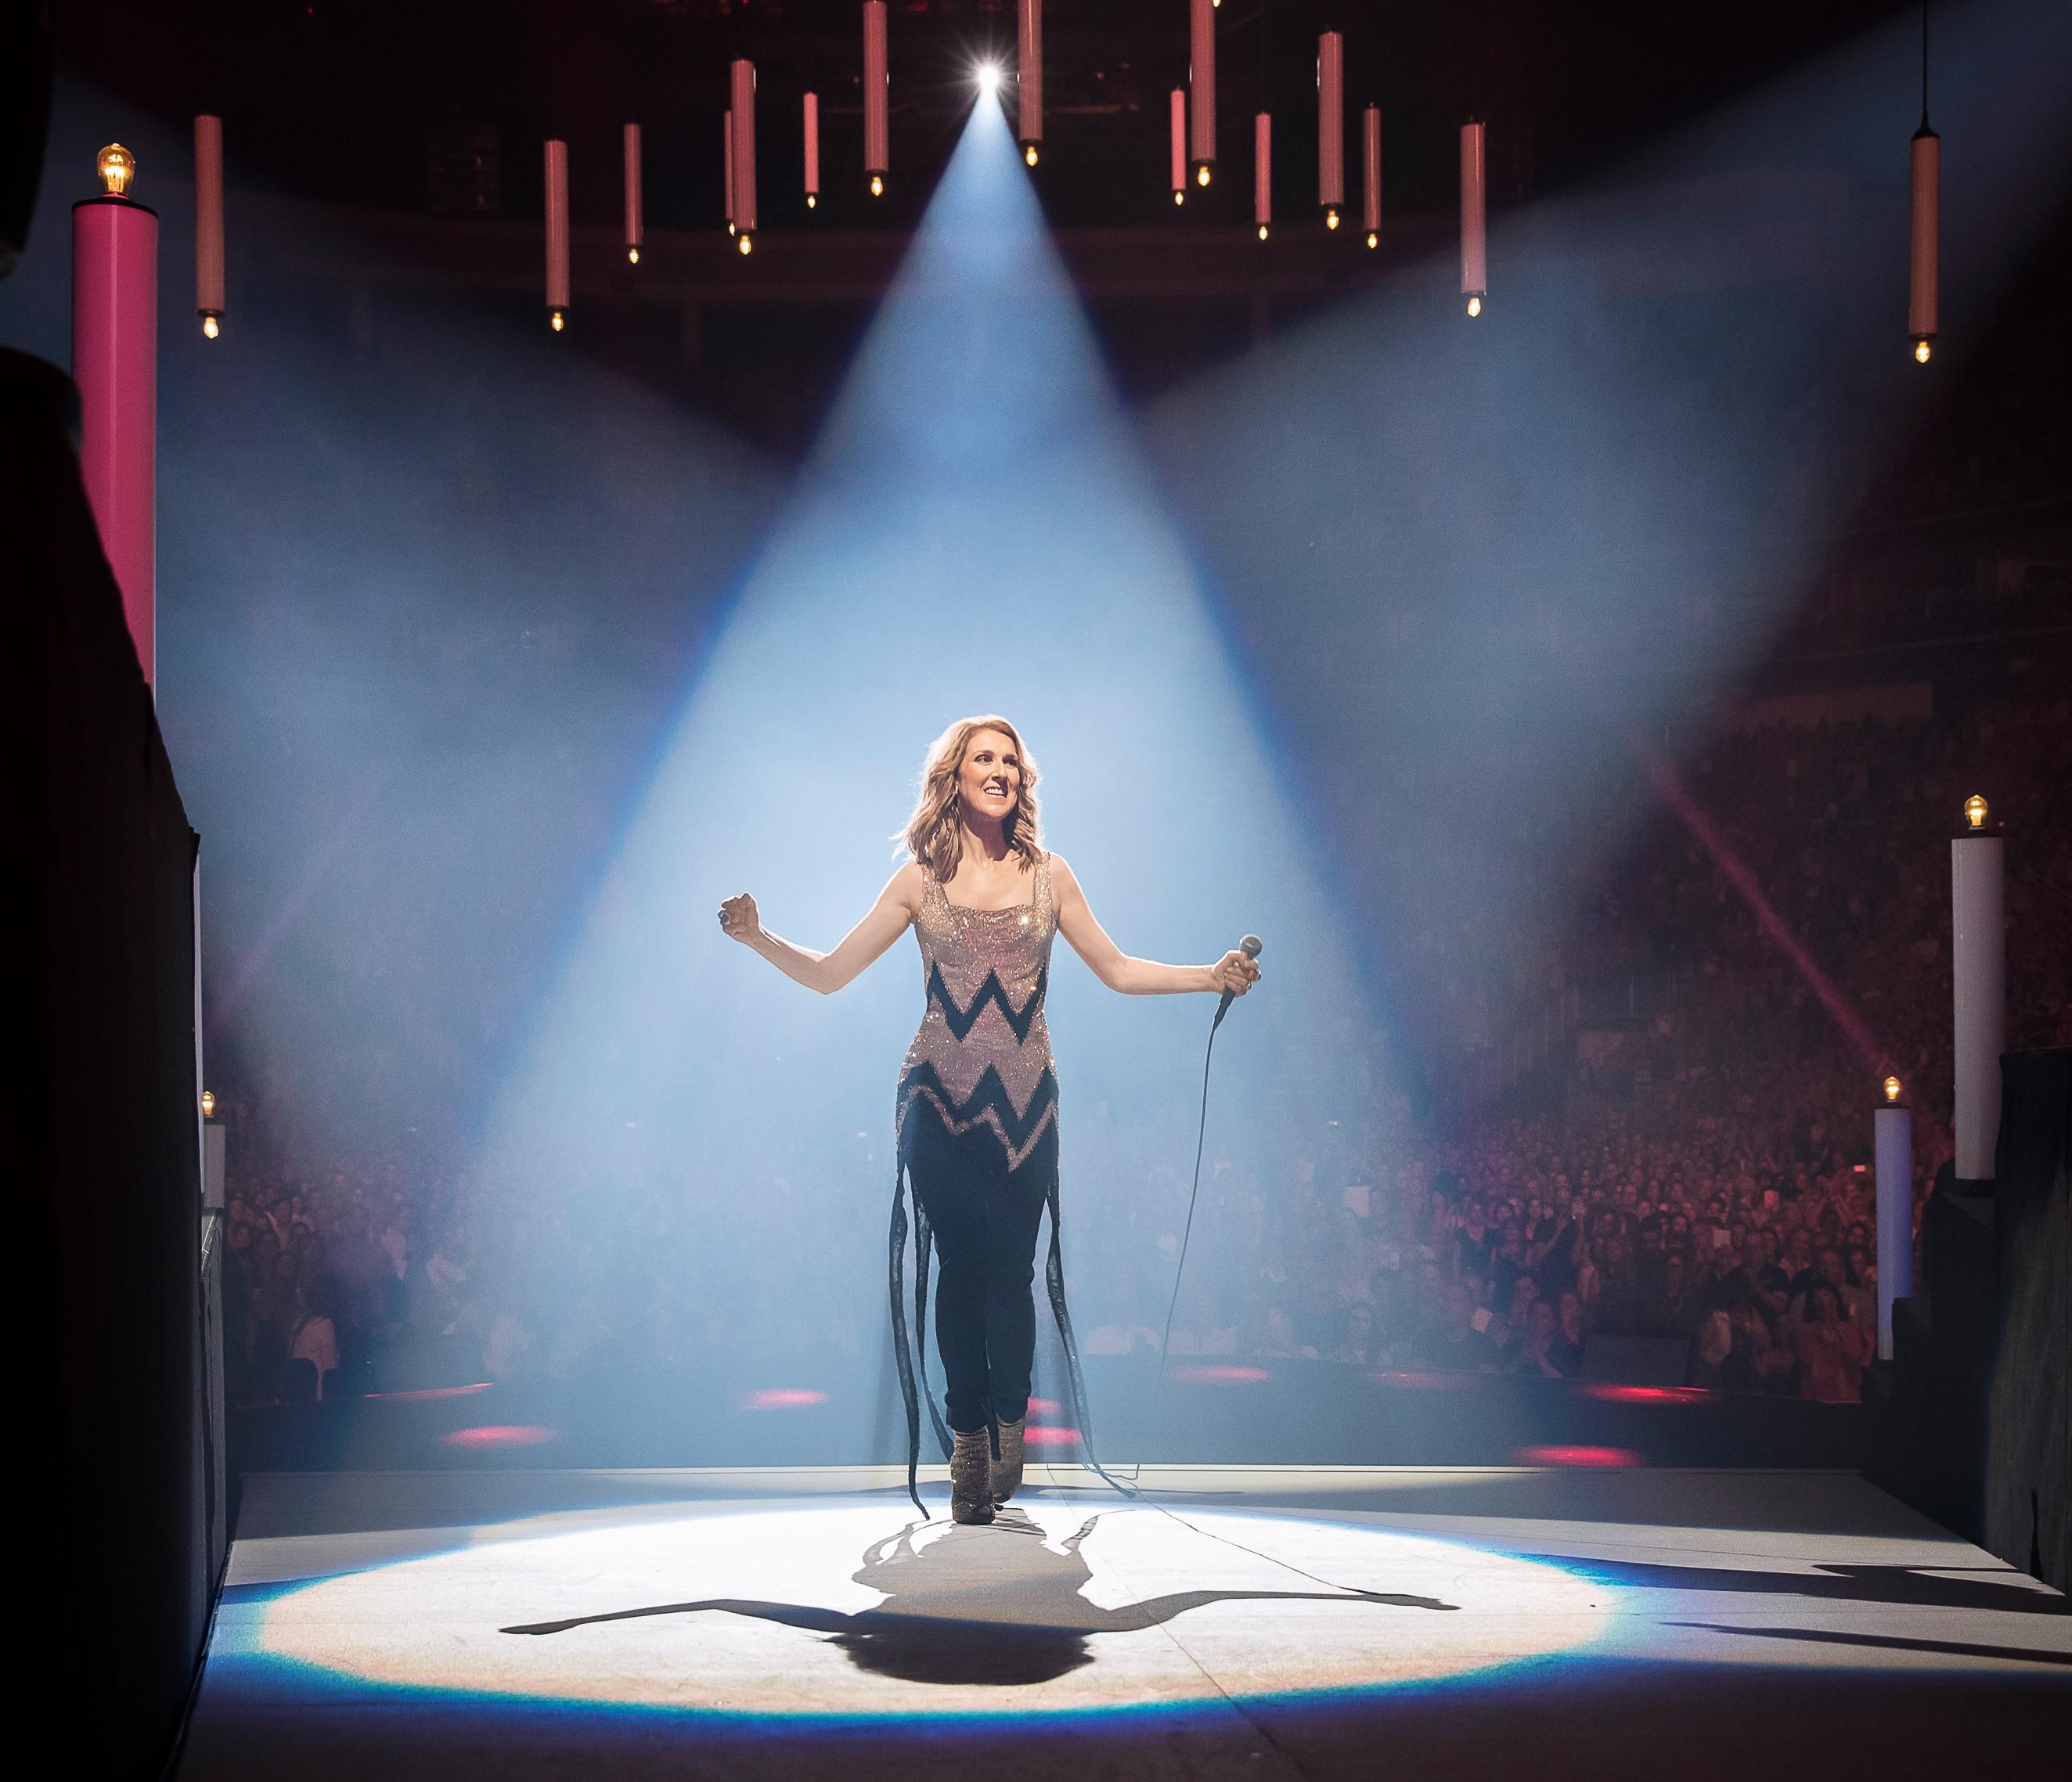 Celine Dion Centre Videotron Quebec